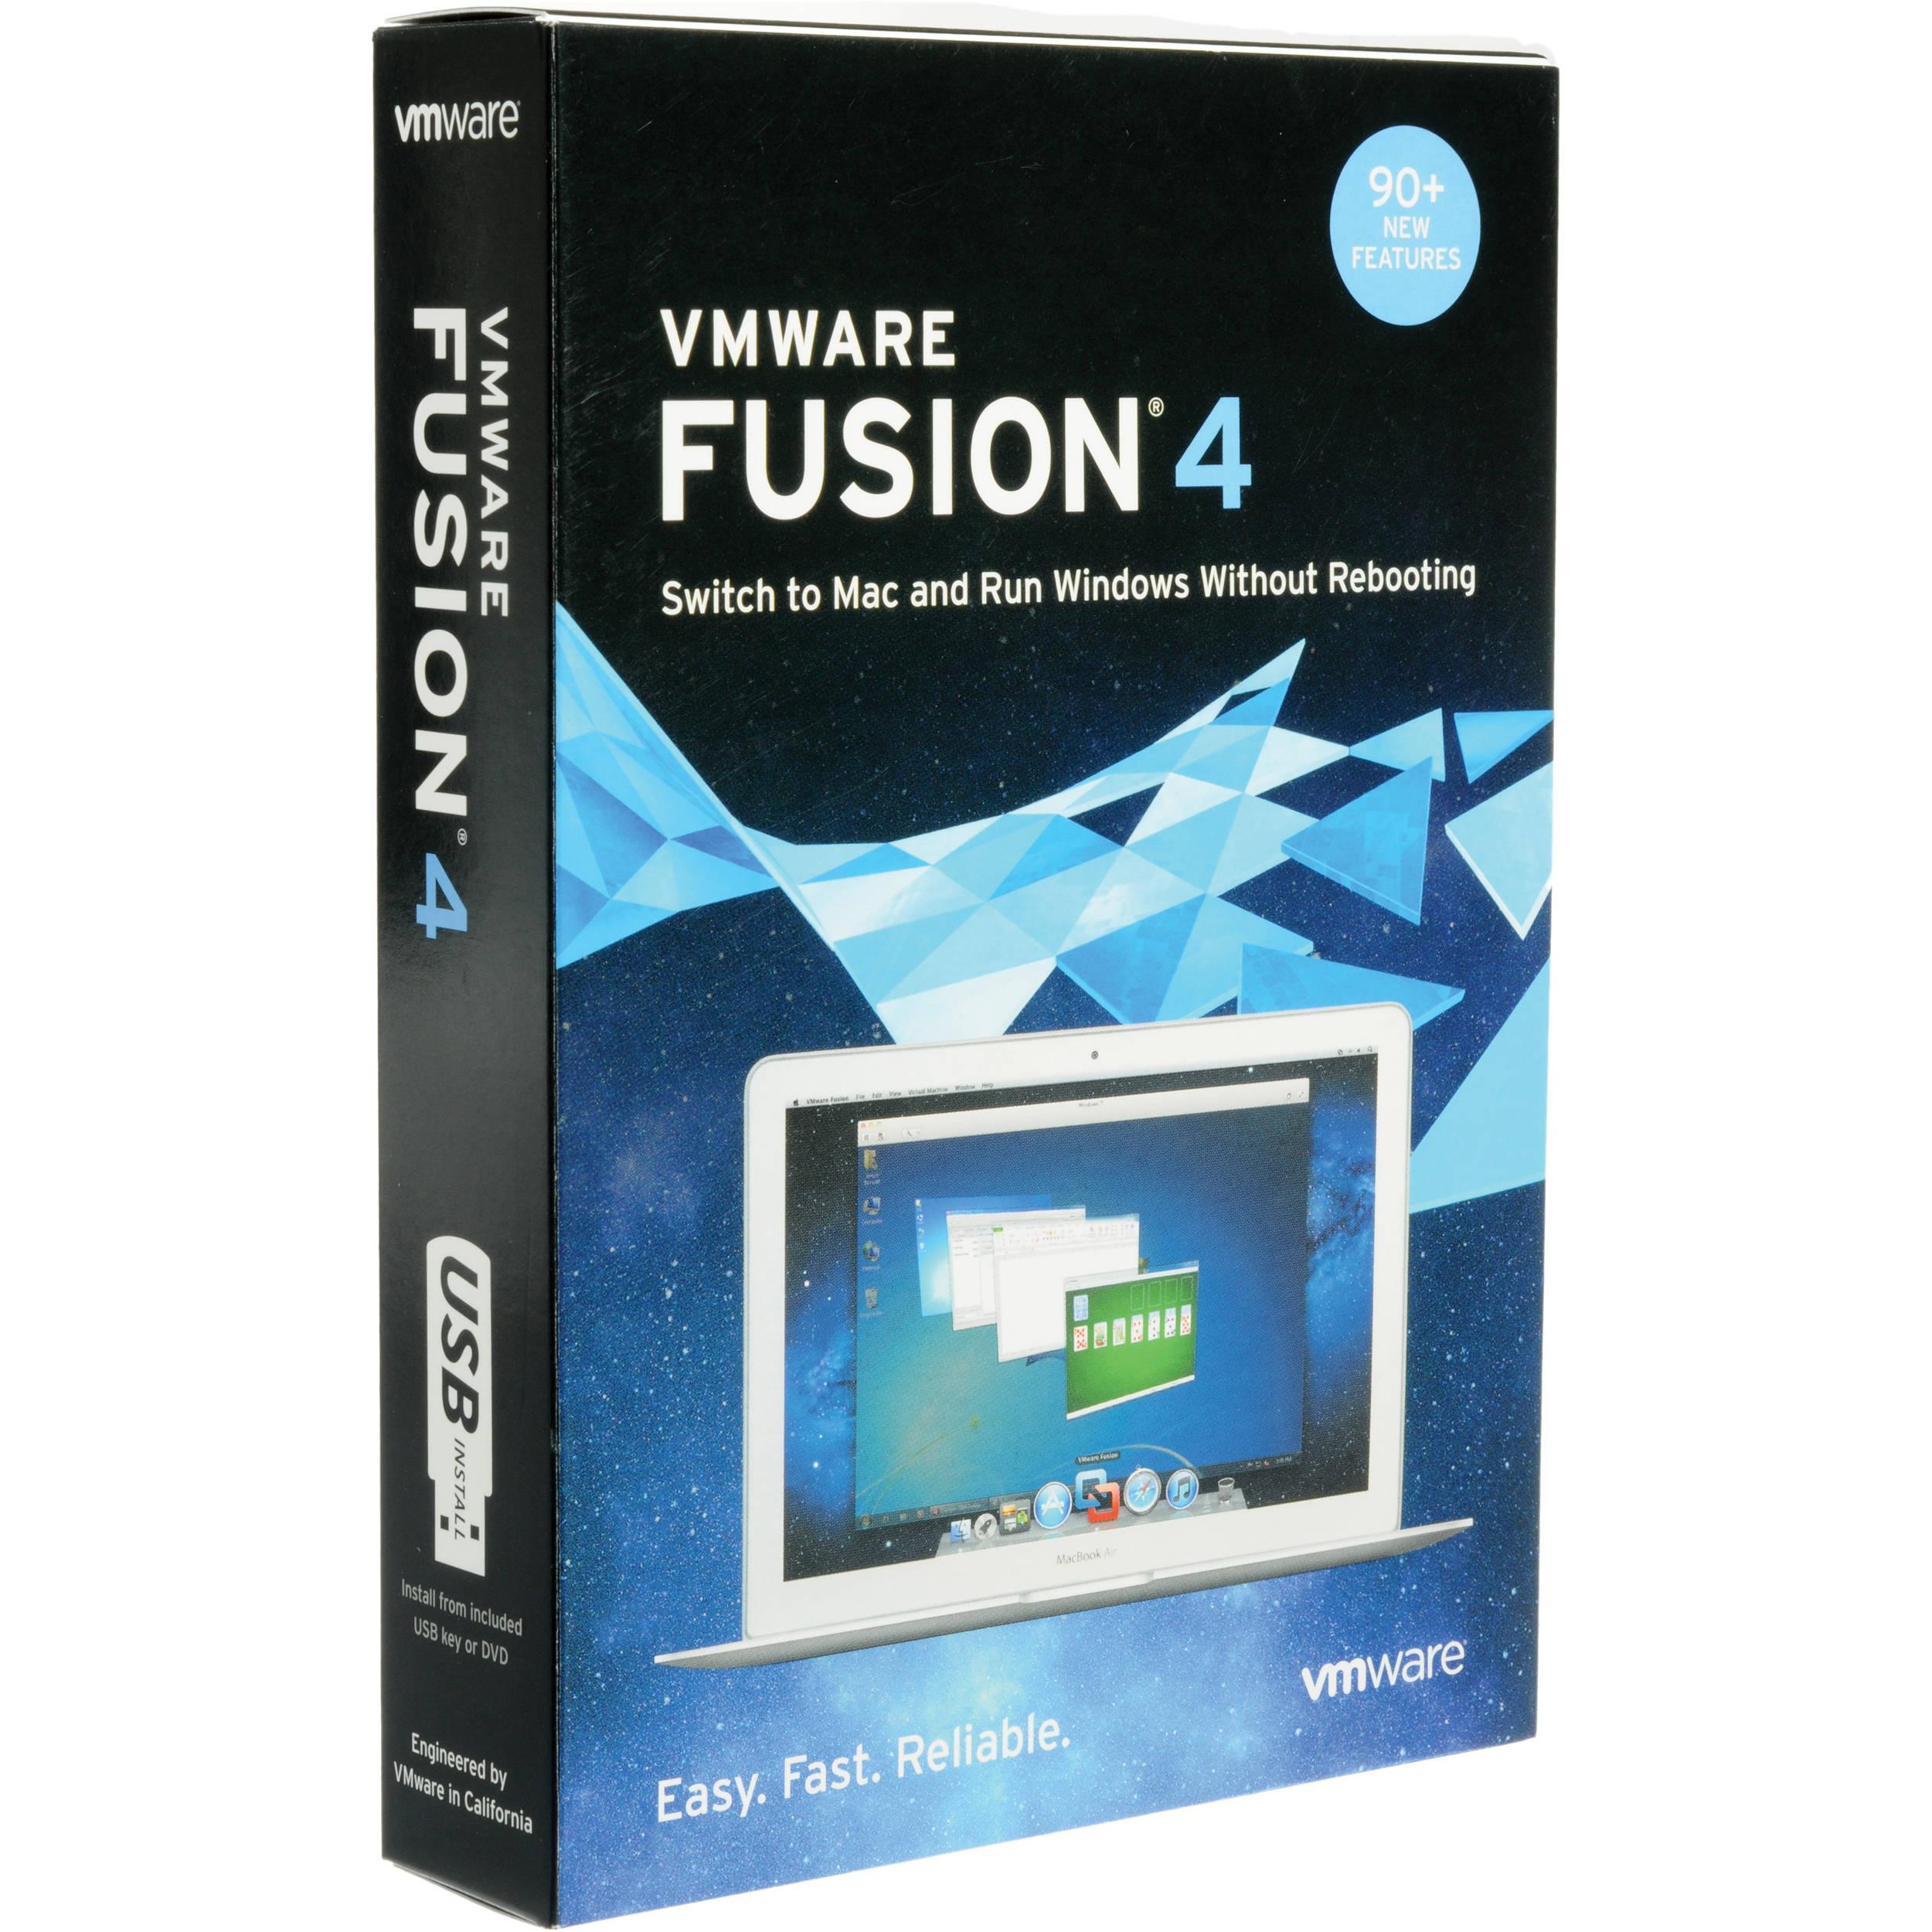 os x vmware fusion